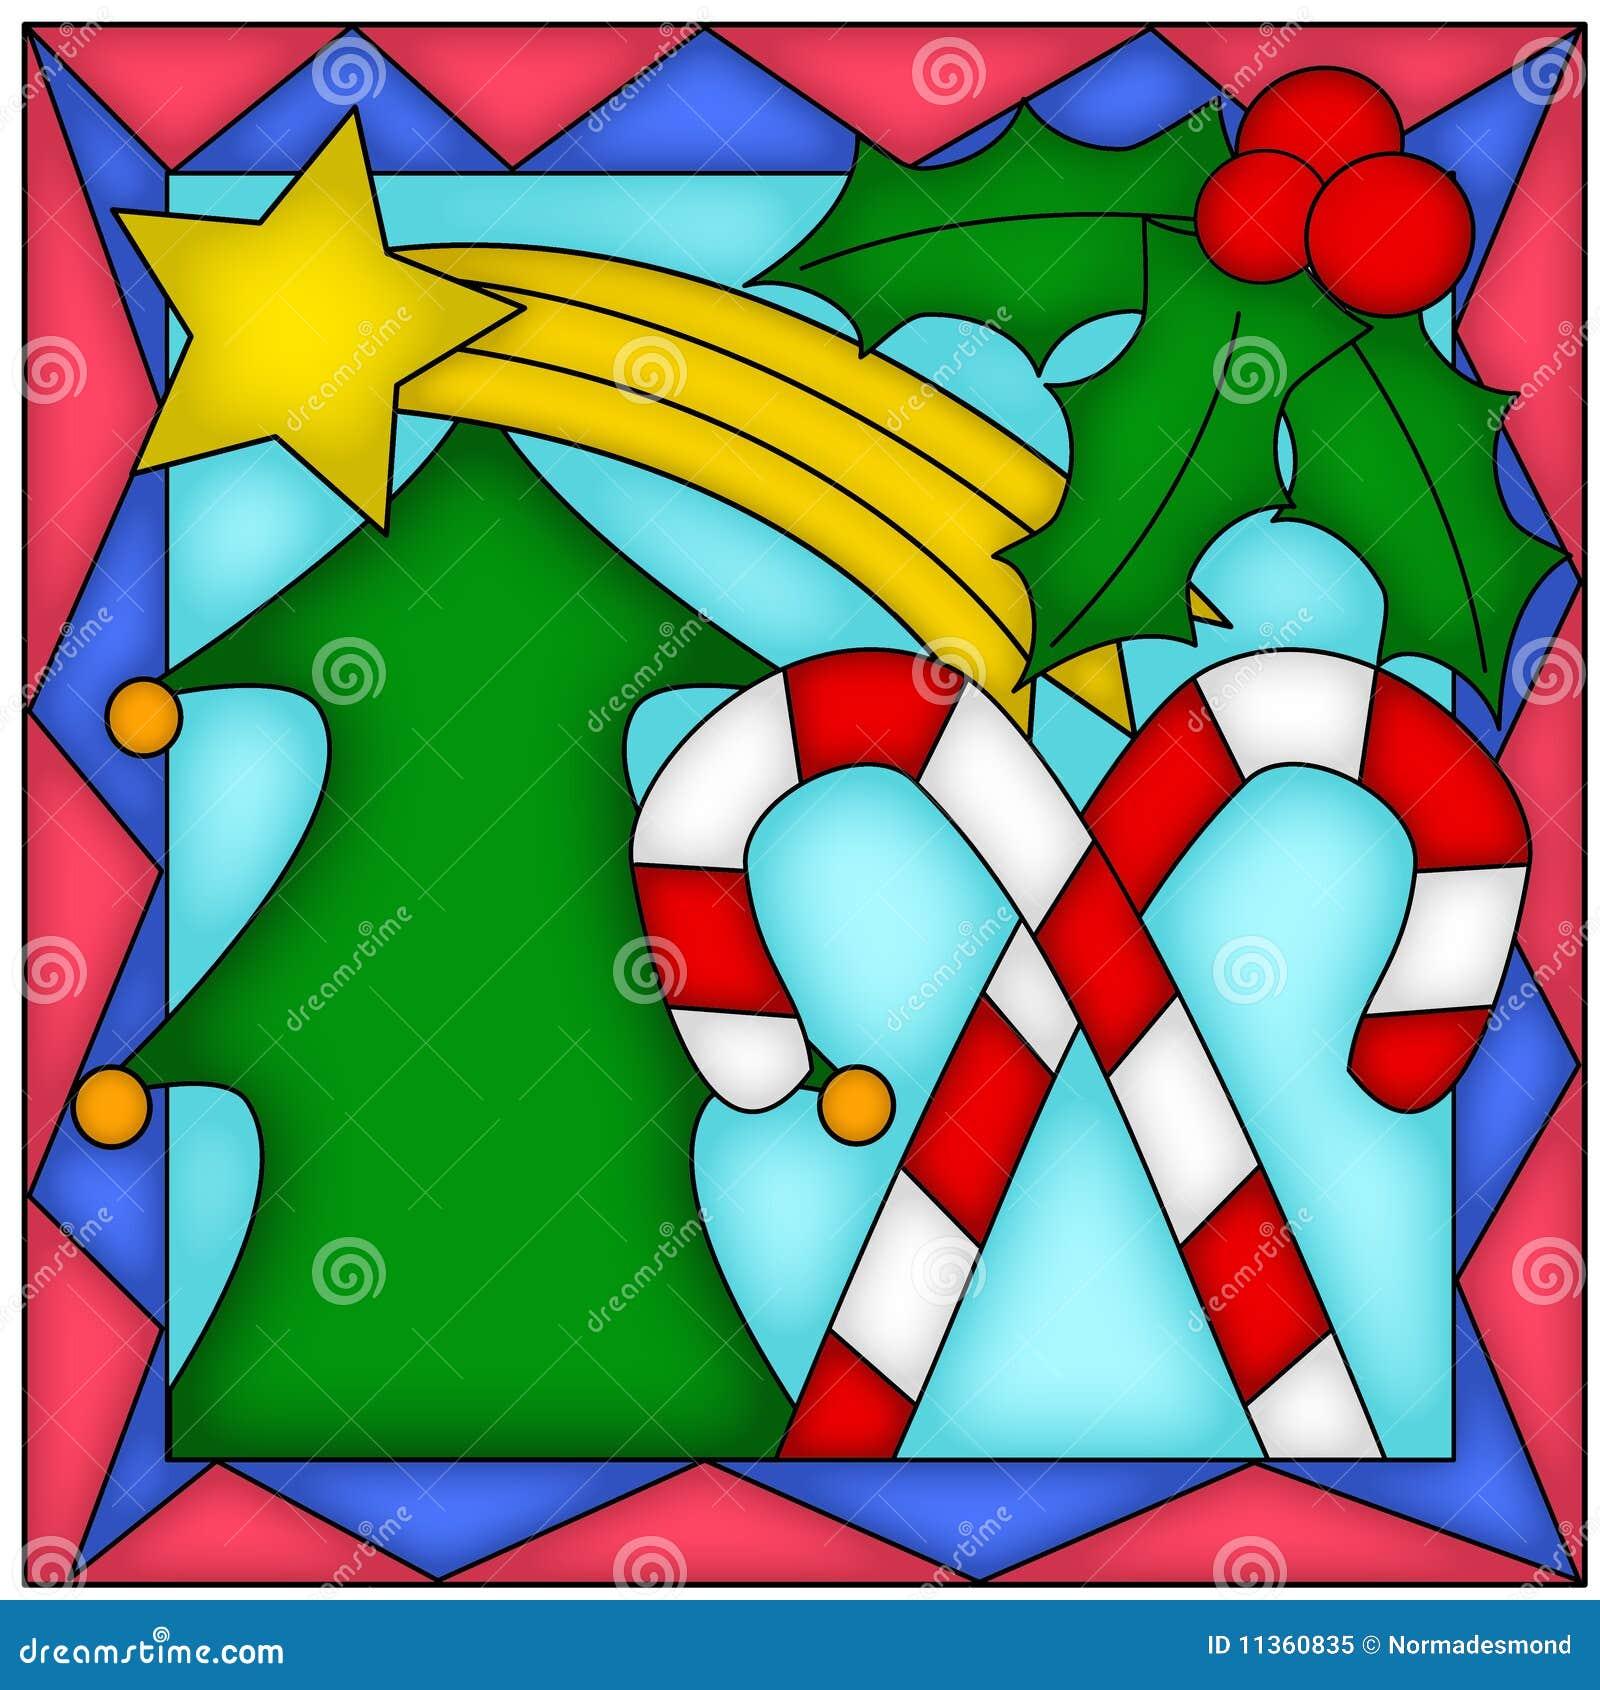 Xmas symbols stock illustration illustration of green 11360835 xmas symbols biocorpaavc